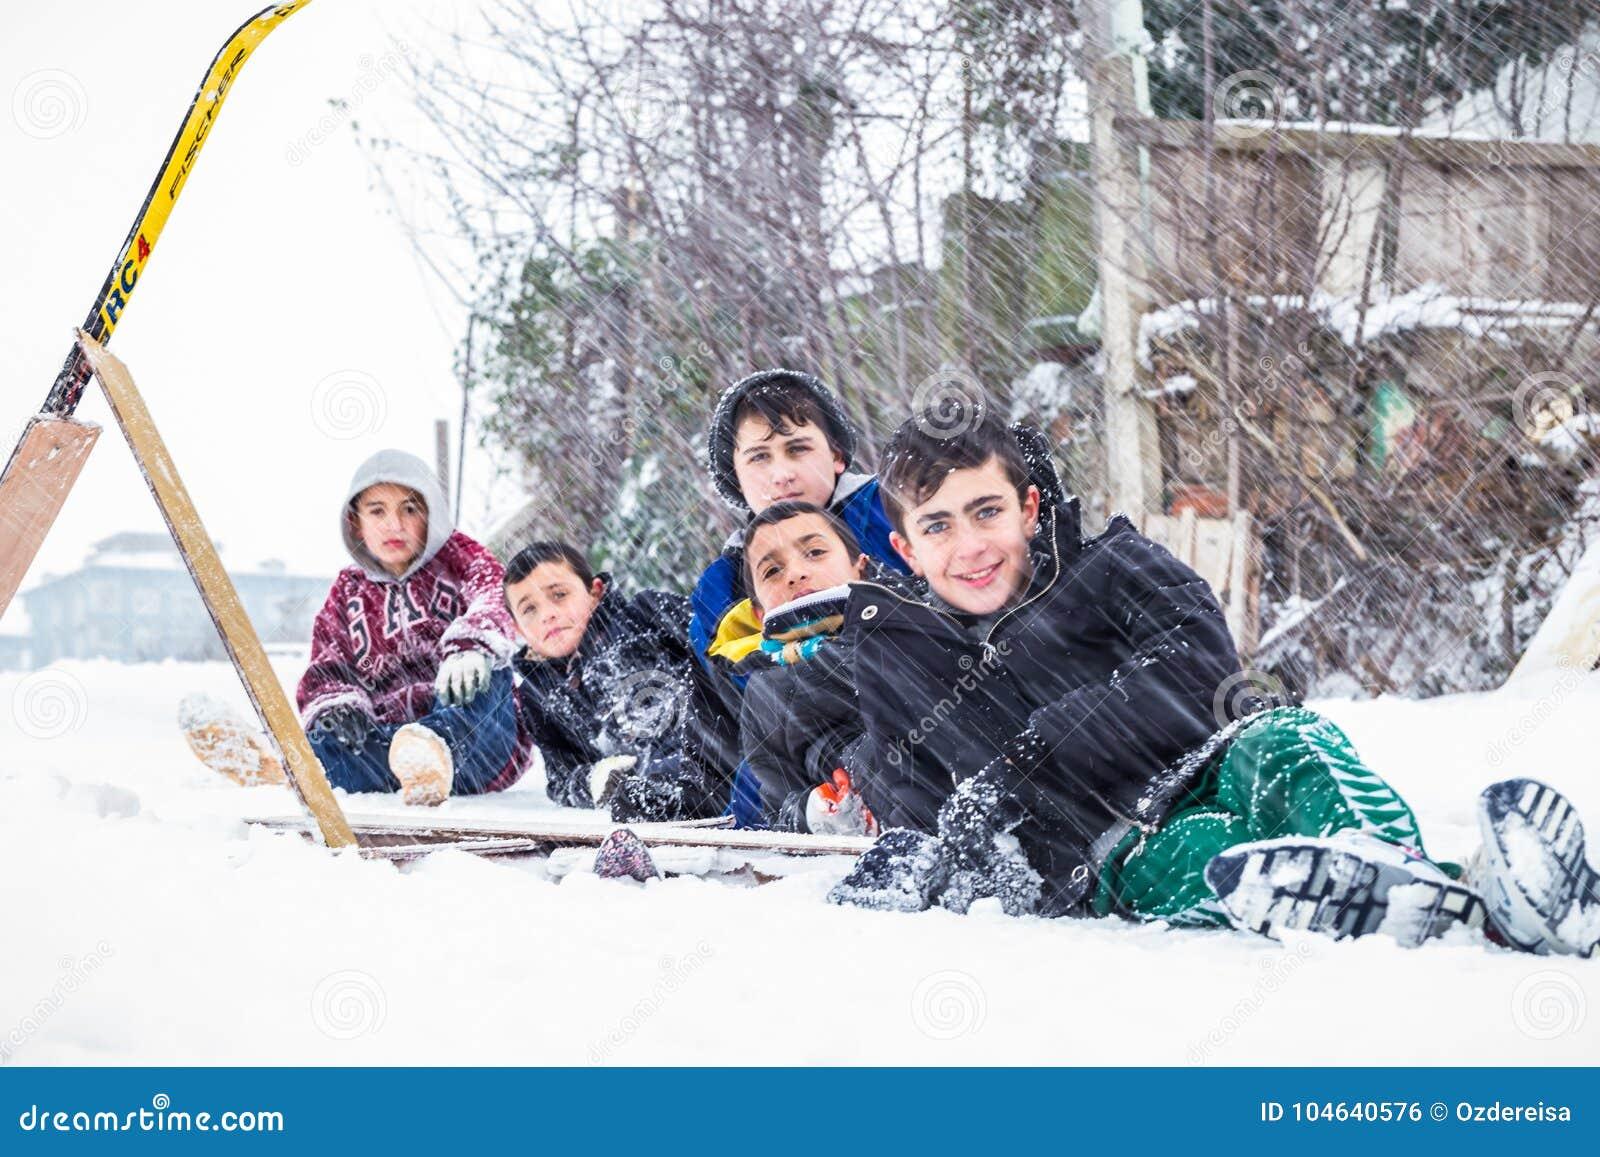 Download De Kinderen Glijden Op Sneeuw In Oude Schoolstijl Met Hardhout Redactionele Foto - Afbeelding bestaande uit activiteit, kind: 104640576